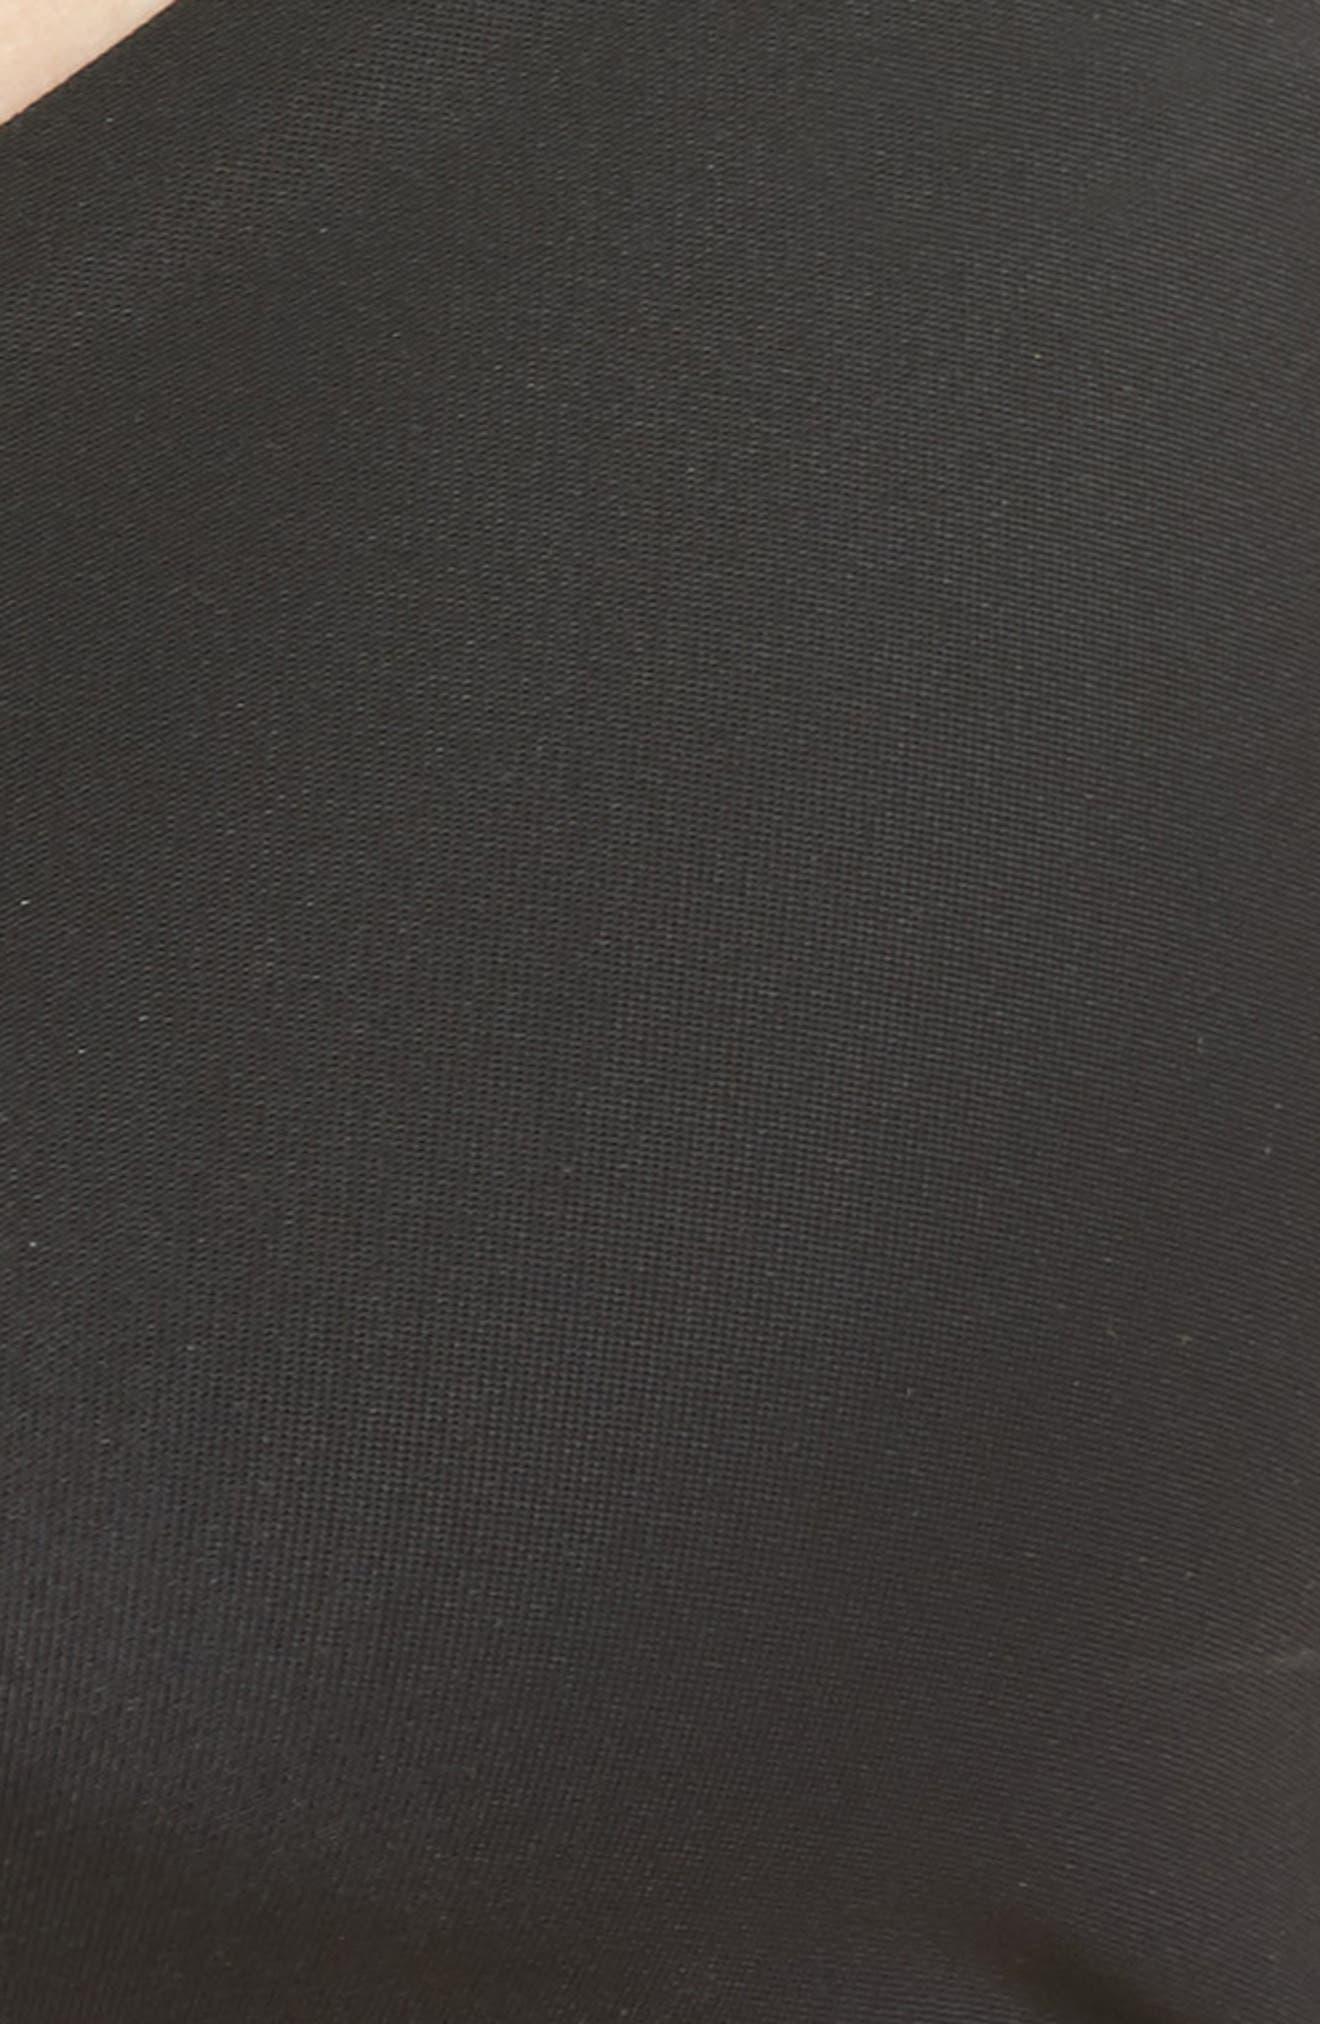 Ms. Jackson Bikini Top,                             Alternate thumbnail 5, color,                             BLACK